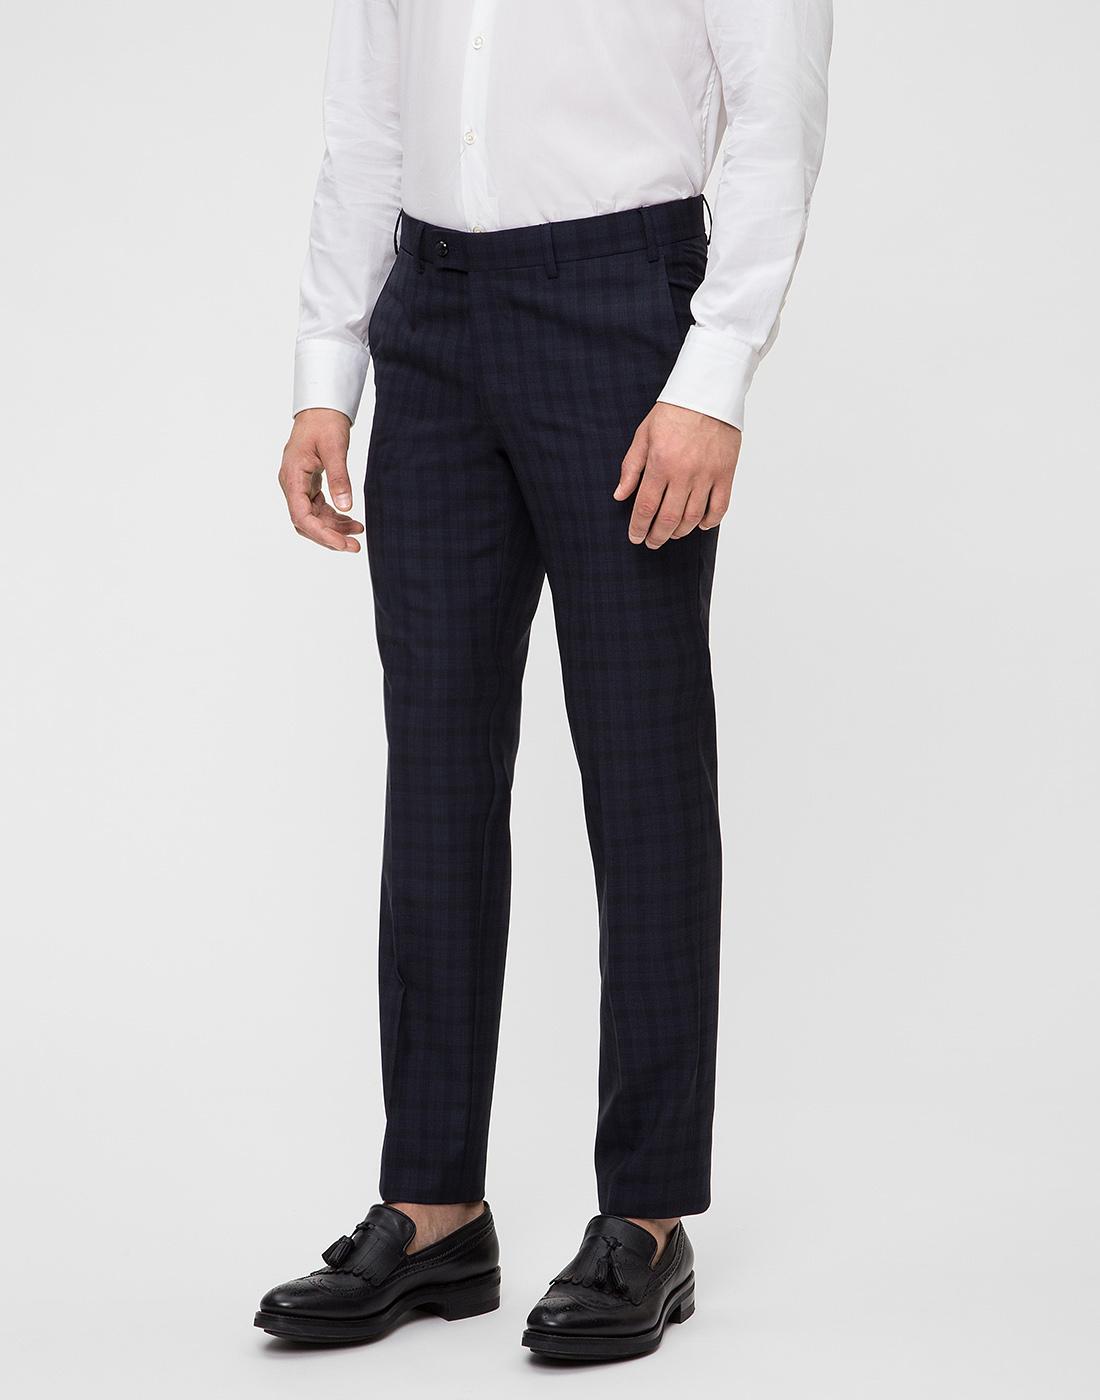 Мужские темно-синие брюки Hiltl  S13173 40 34600-3